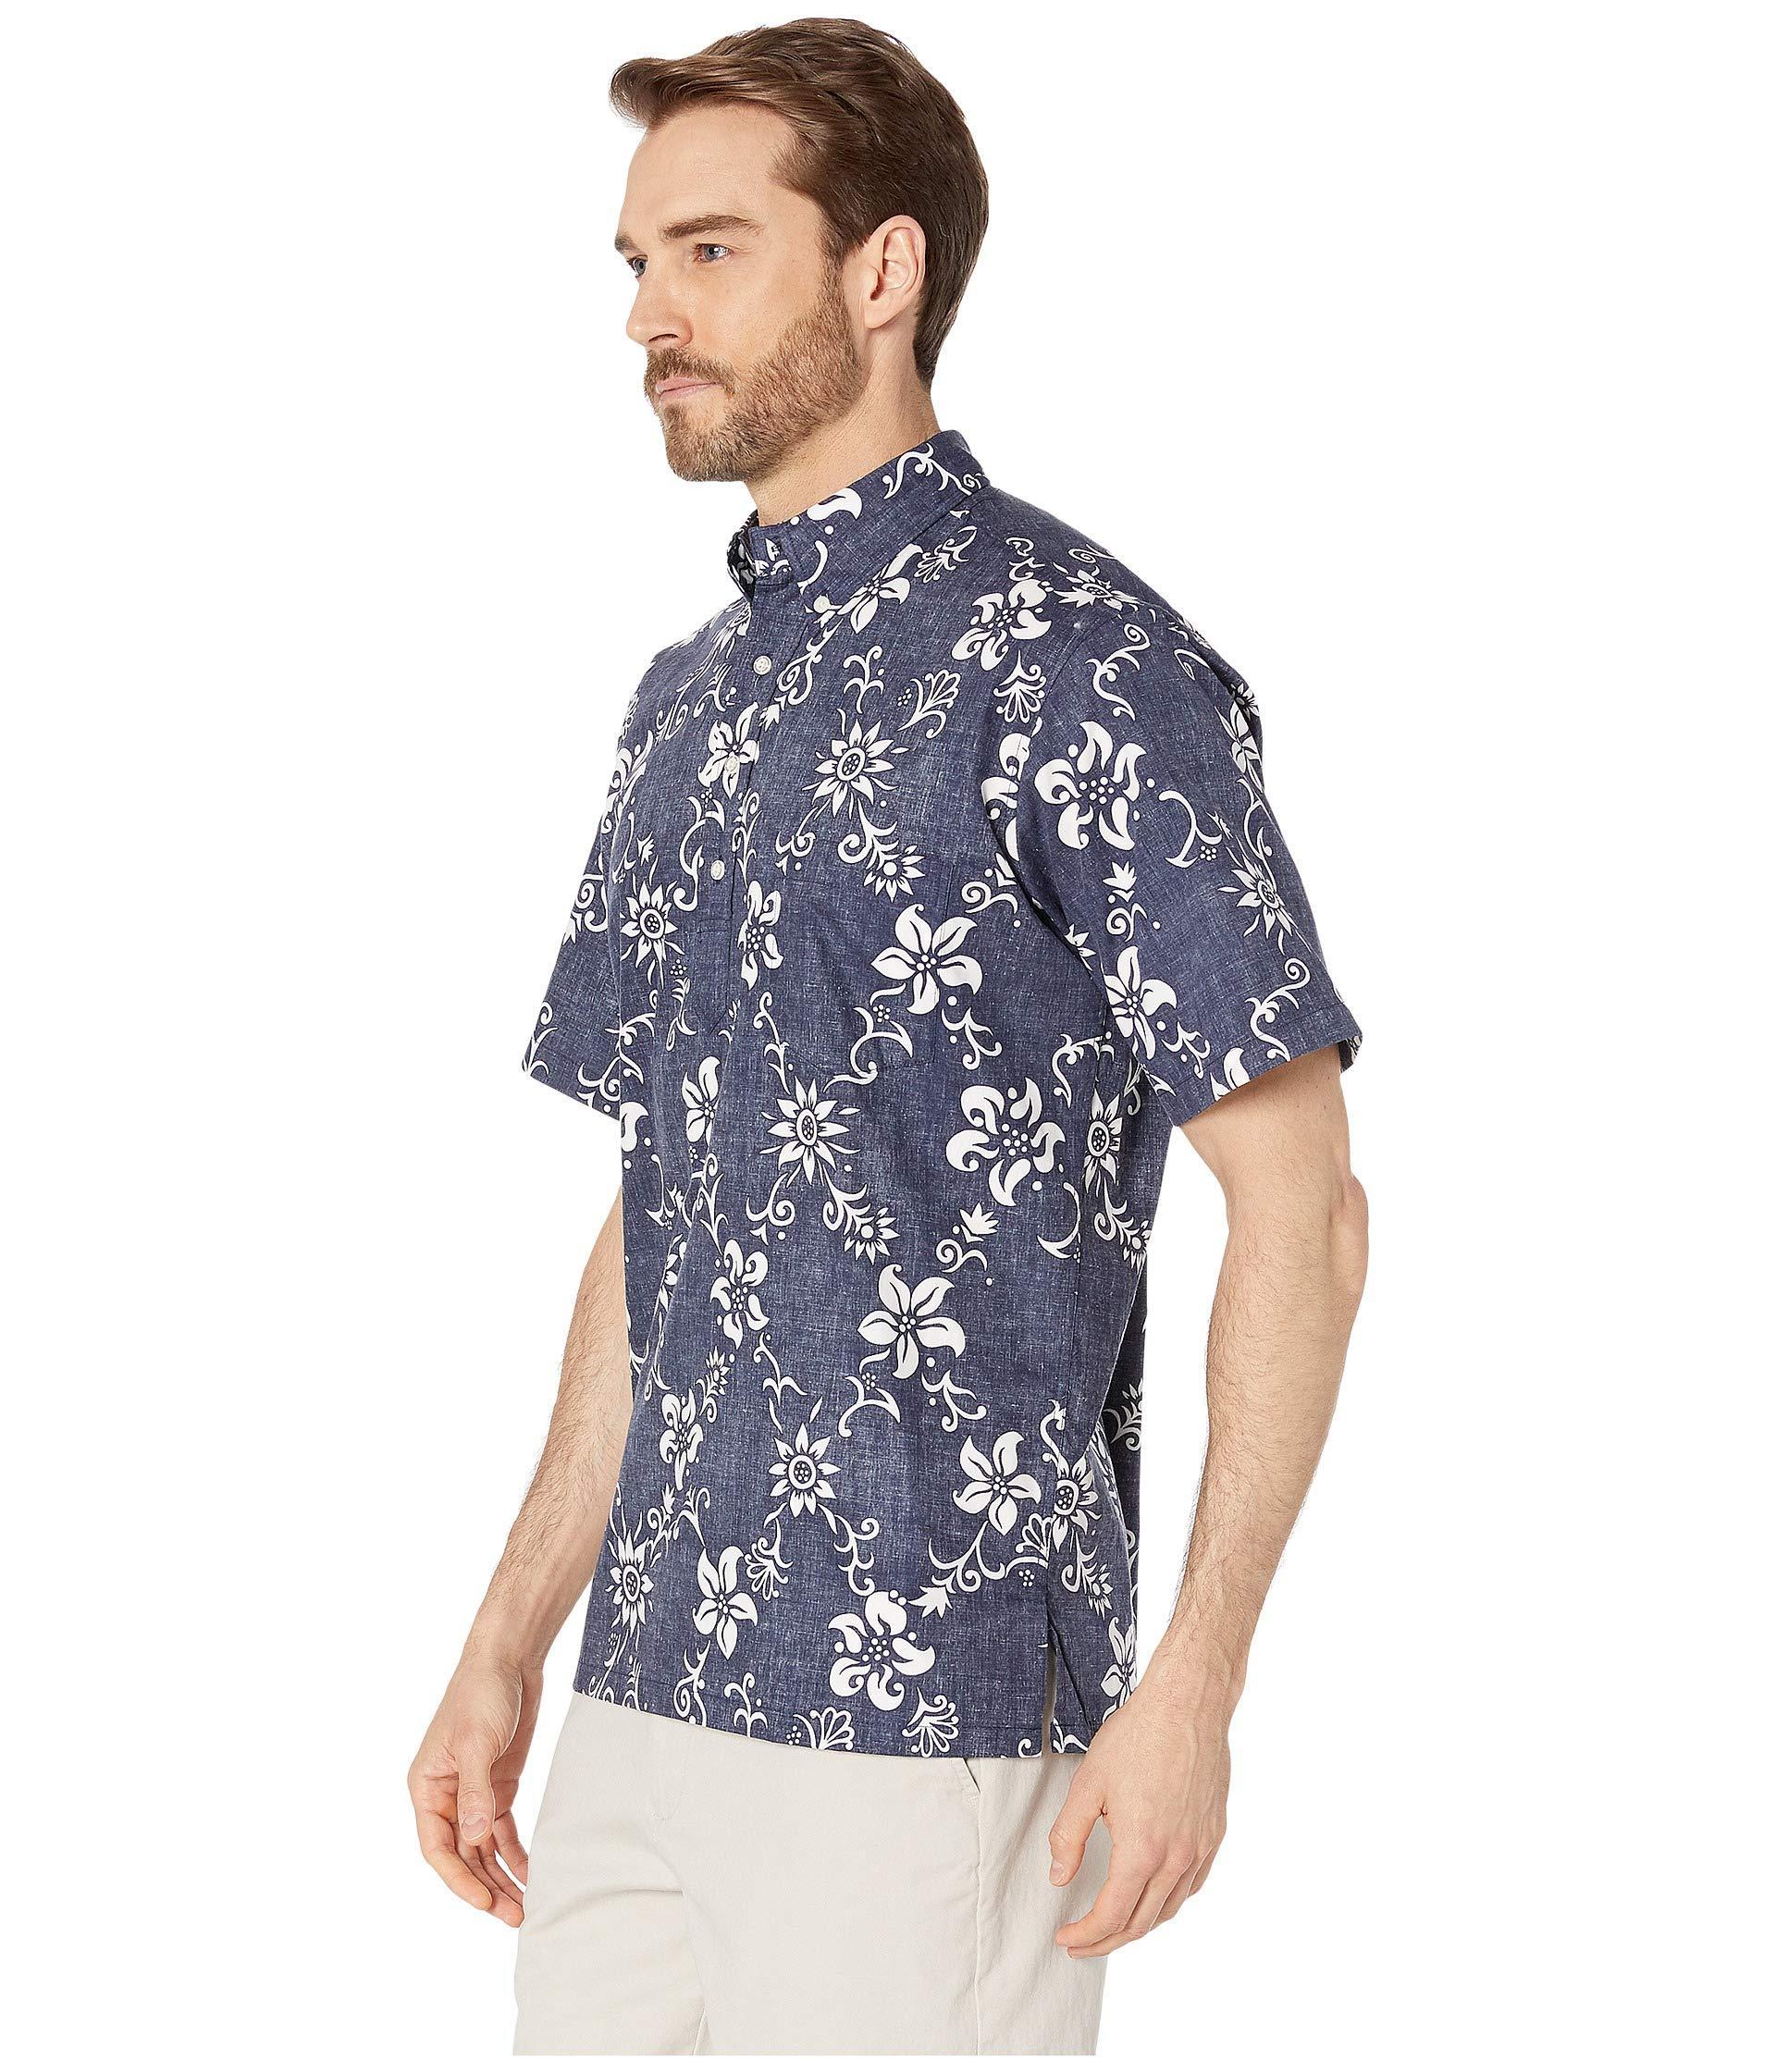 e0cf2d98 Reyn Spooner - Blue Phil Edwards Summer Pareau Popover Shirt (peacoat)  Men's Clothing for. View fullscreen